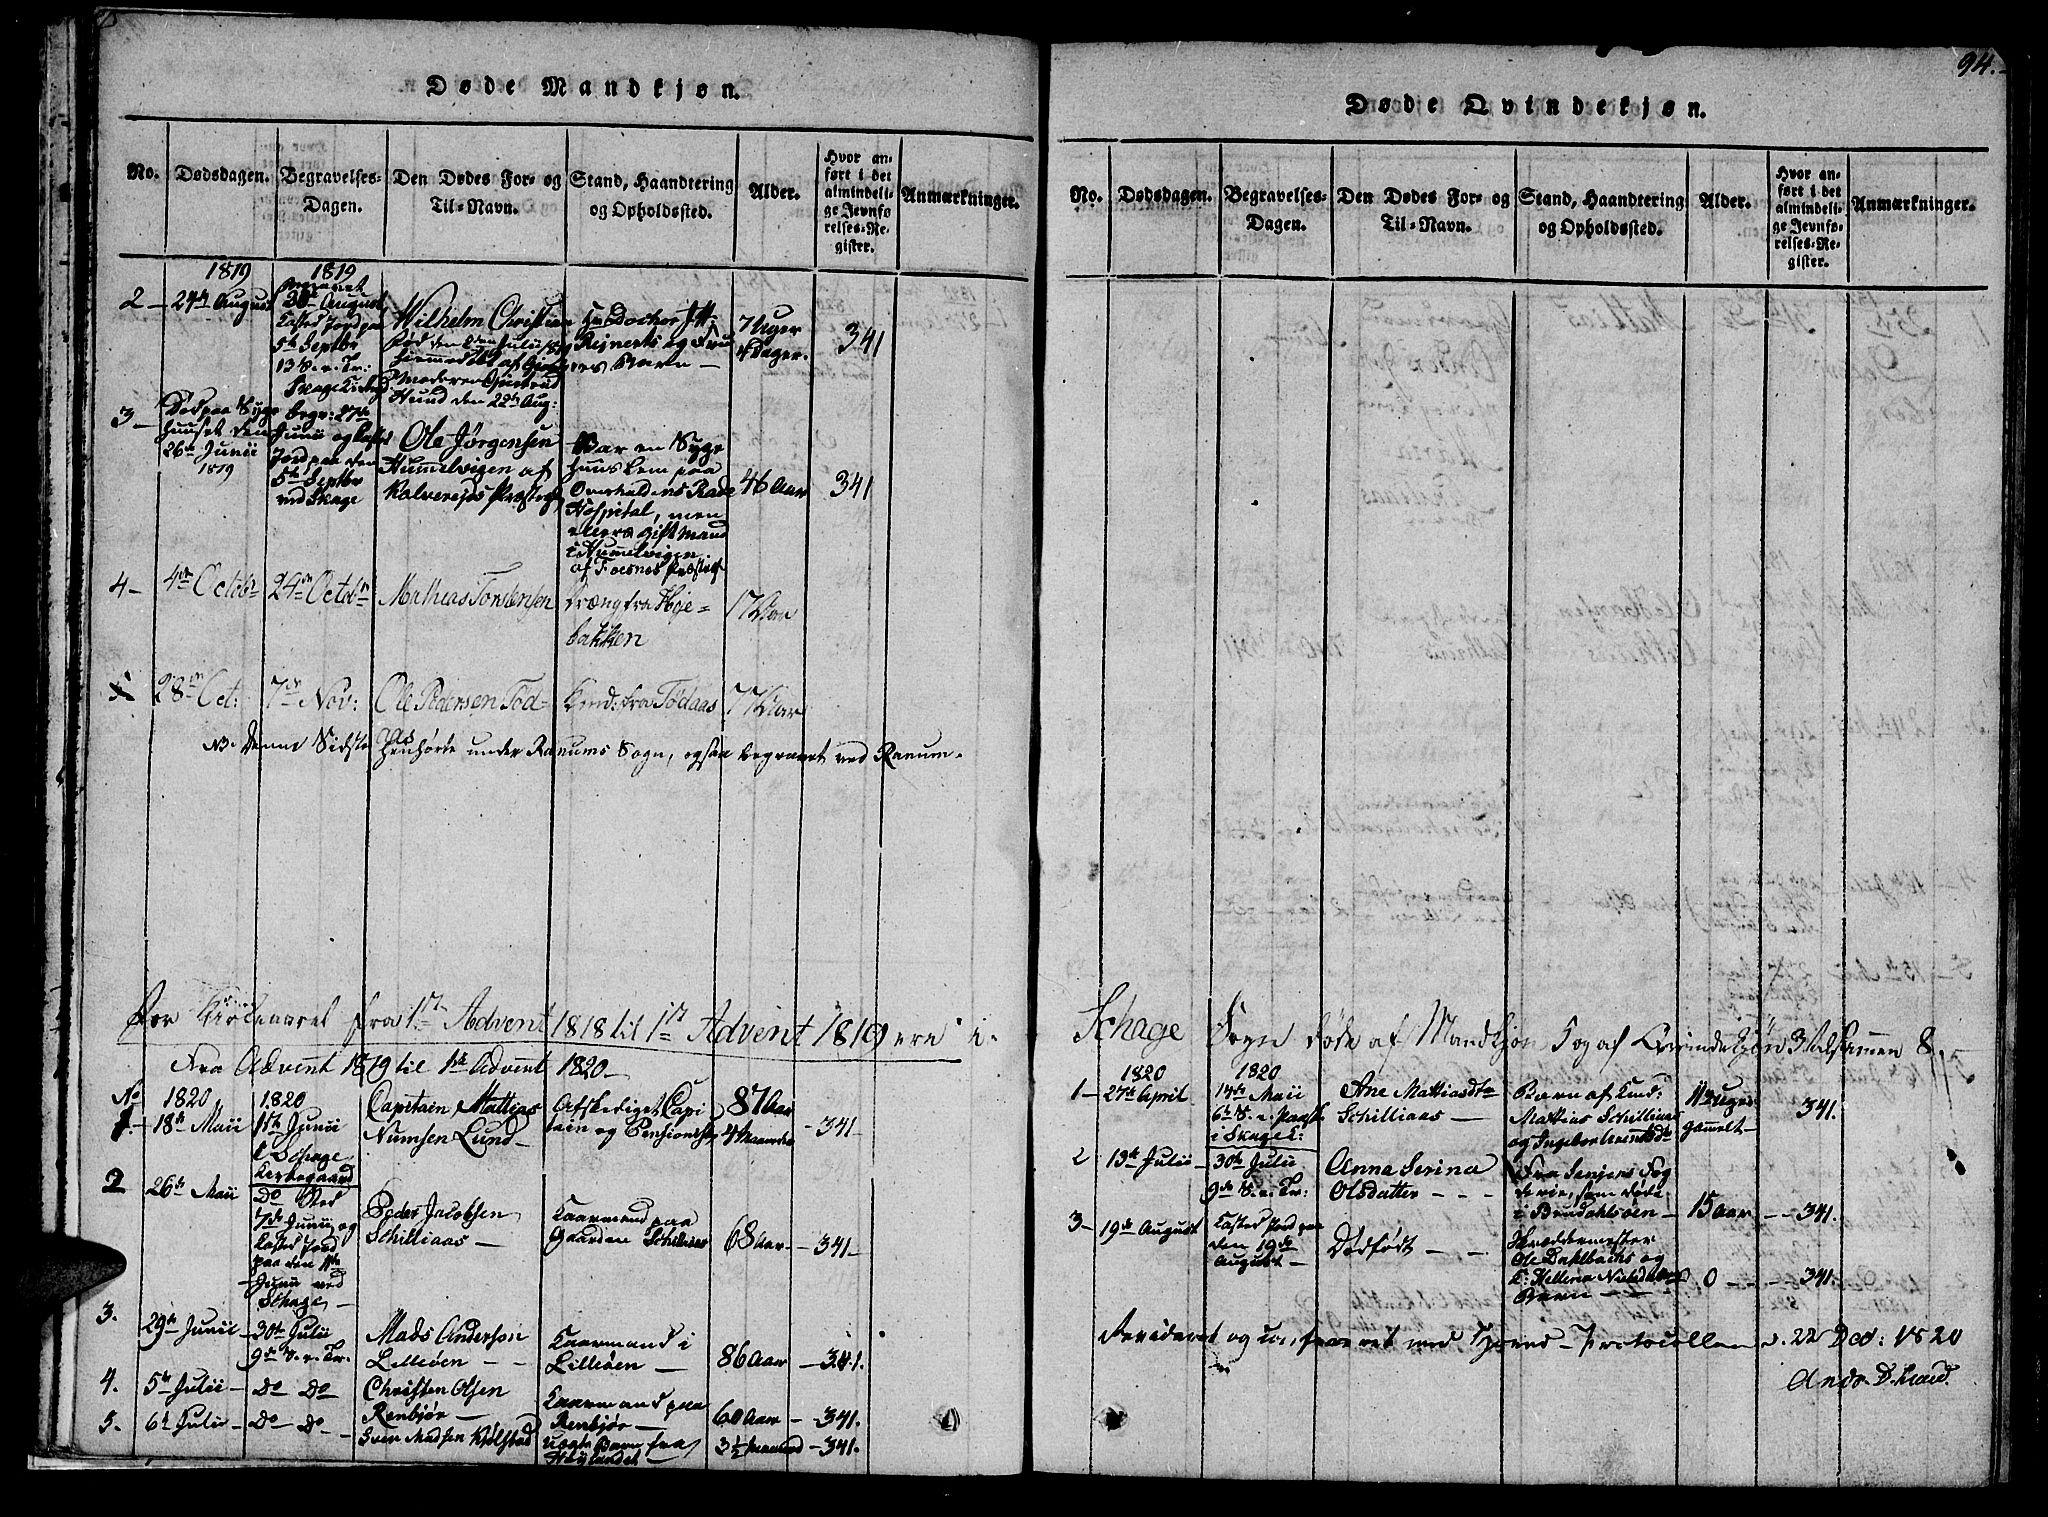 SAT, Ministerialprotokoller, klokkerbøker og fødselsregistre - Nord-Trøndelag, 766/L0565: Klokkerbok nr. 767C01, 1817-1823, s. 94